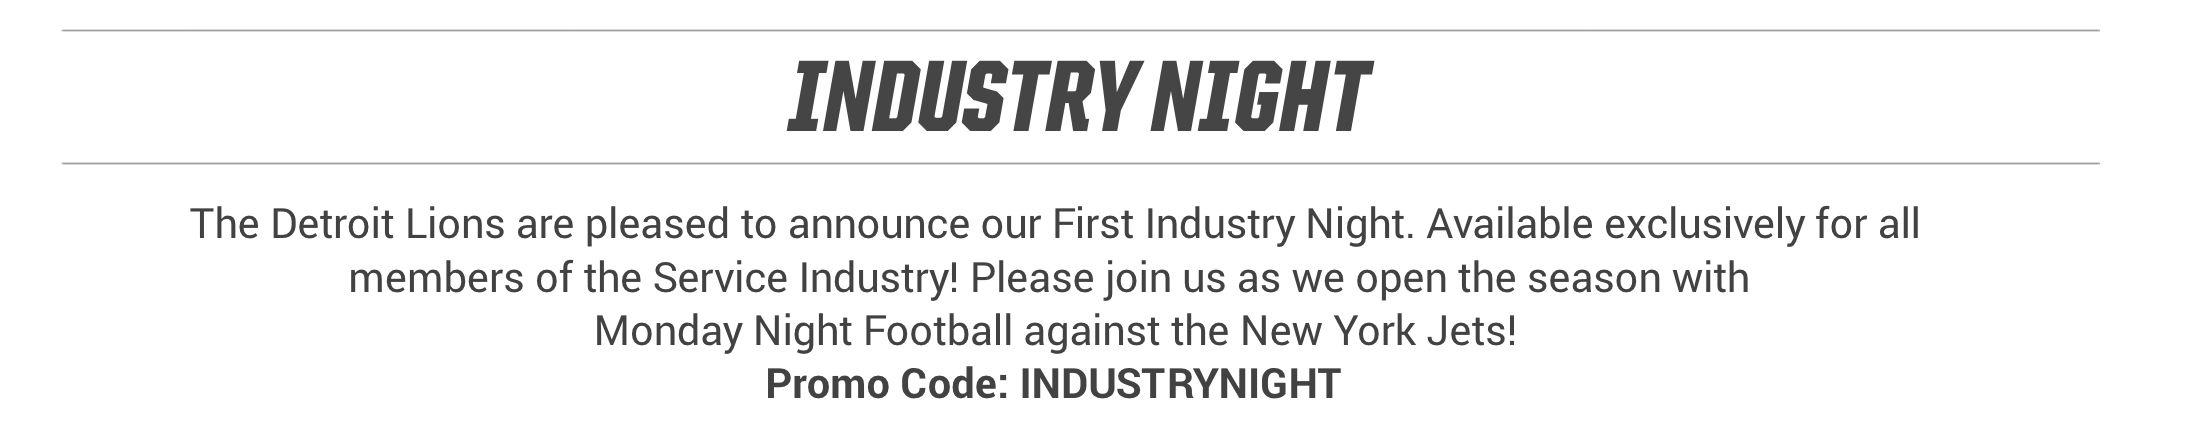 industry-night-header